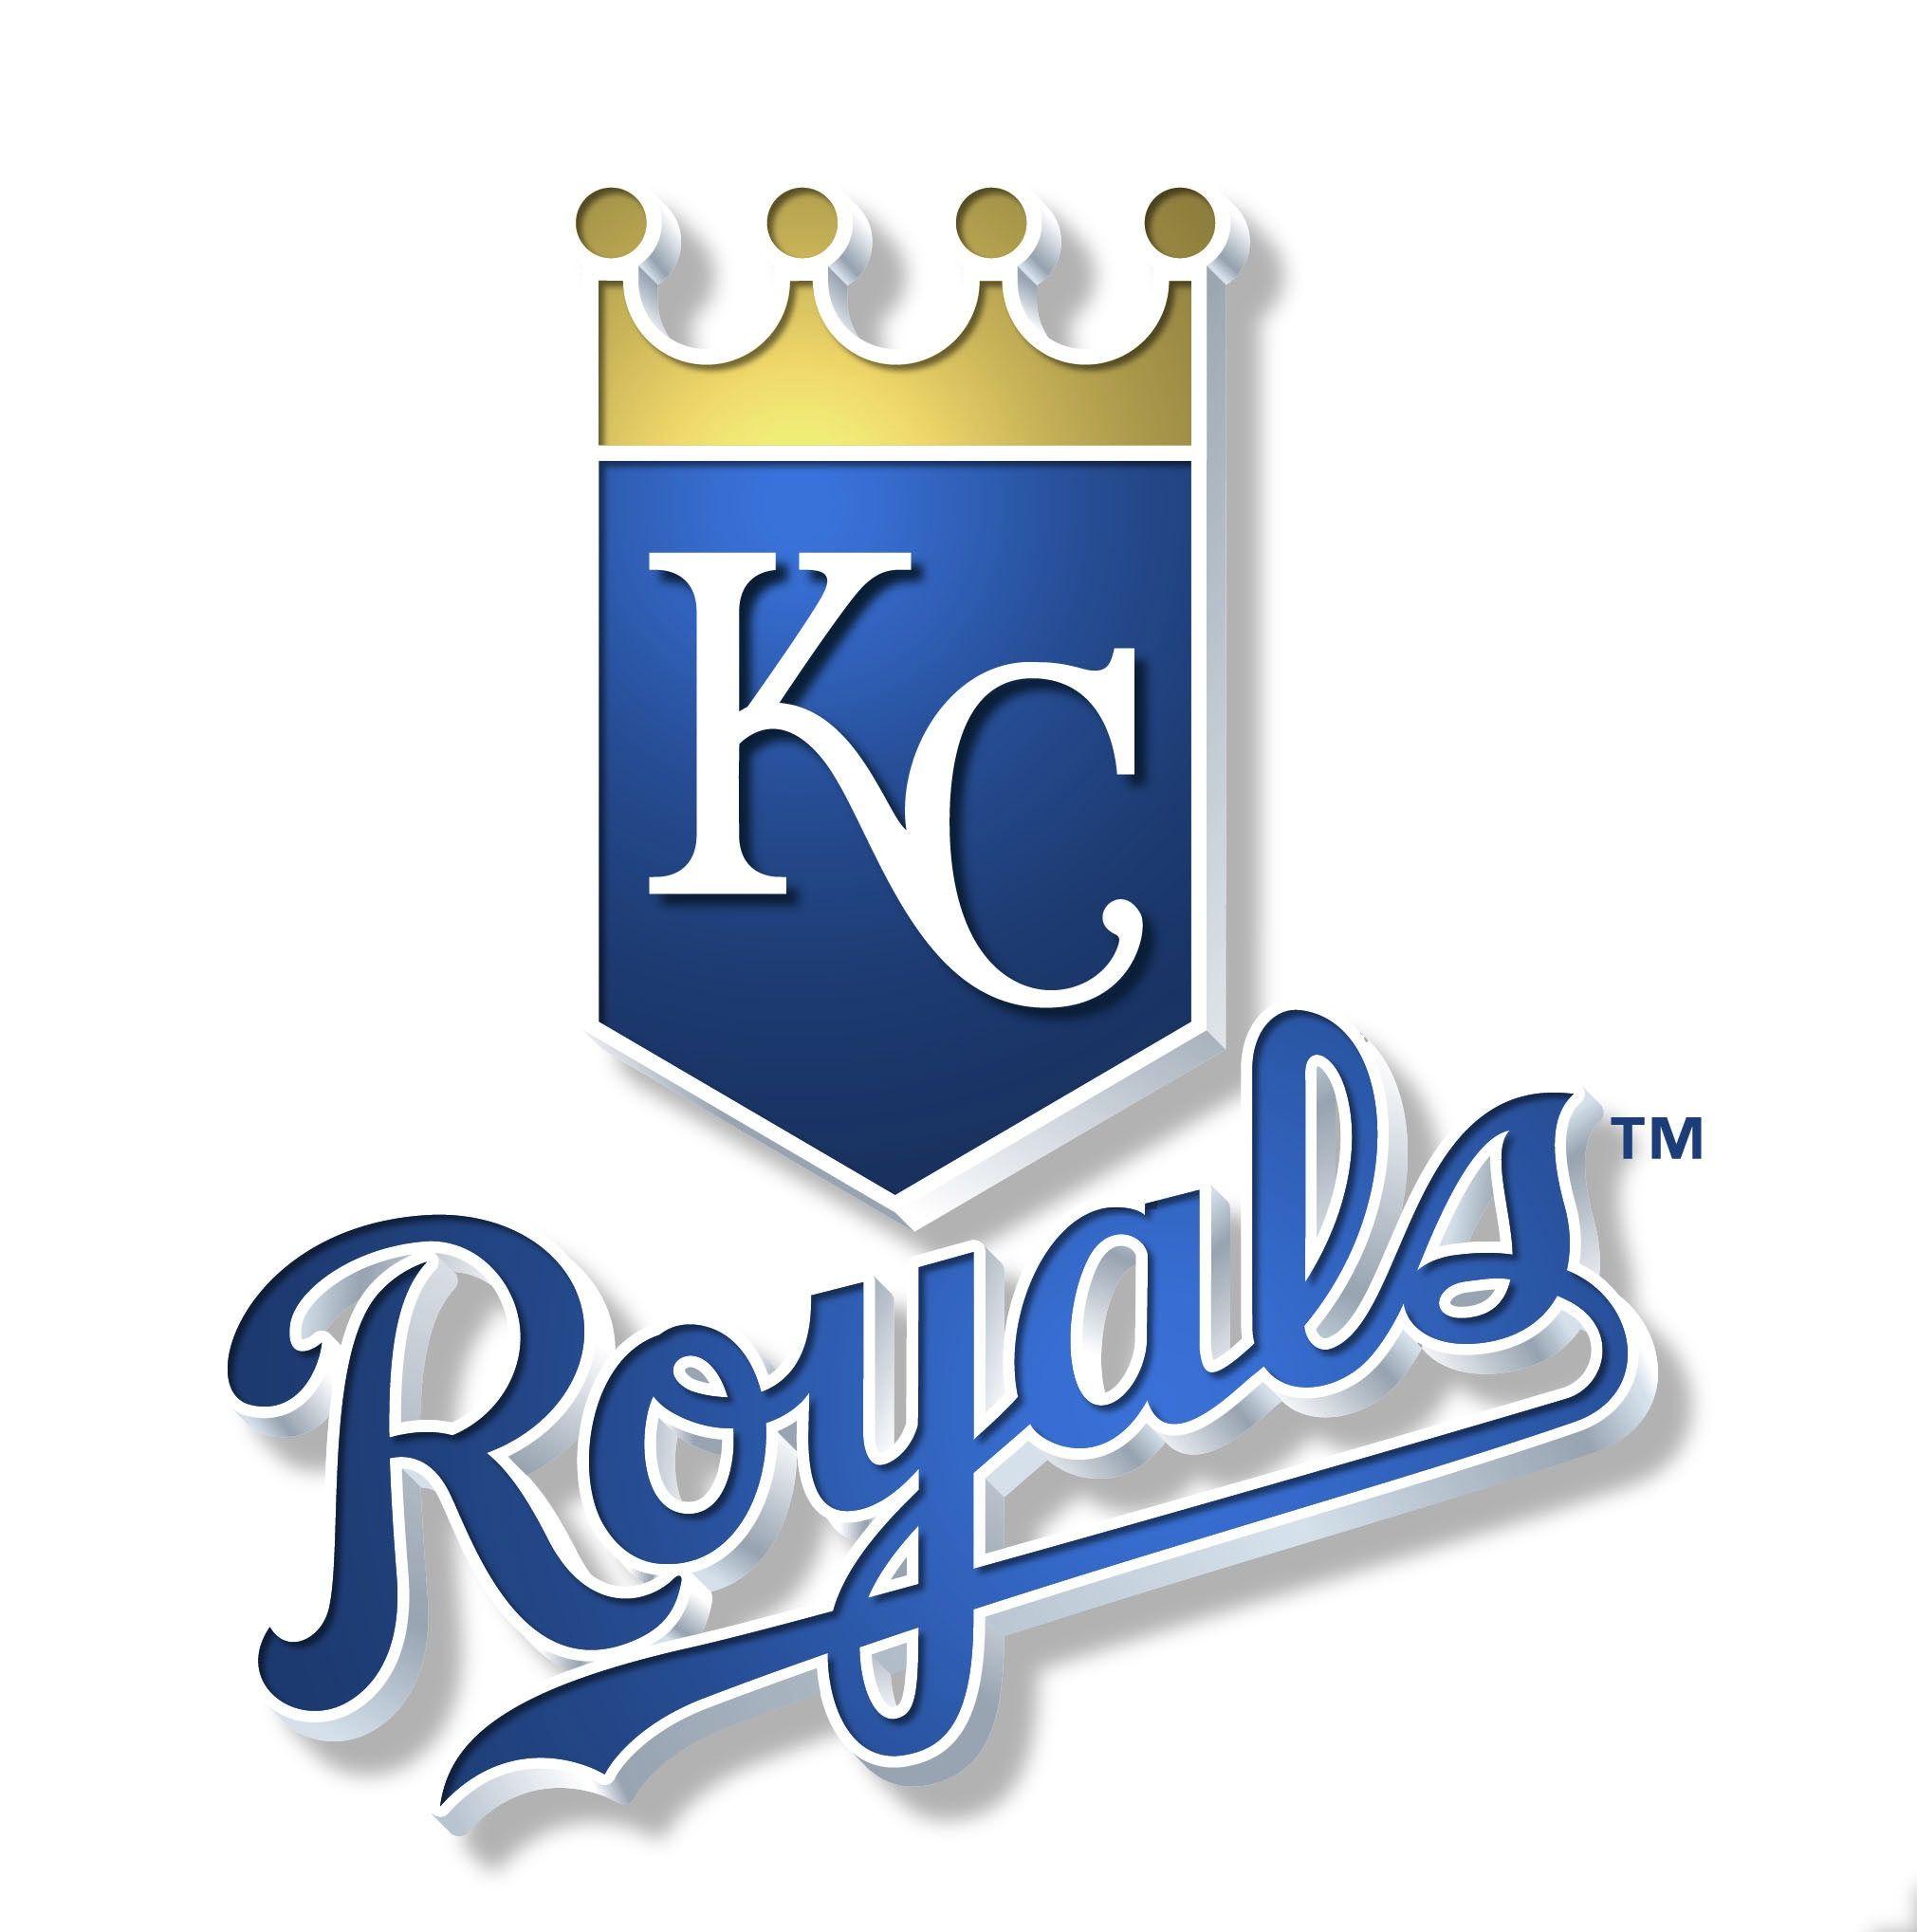 KC Royals image by David Paul Kansas city royals logo